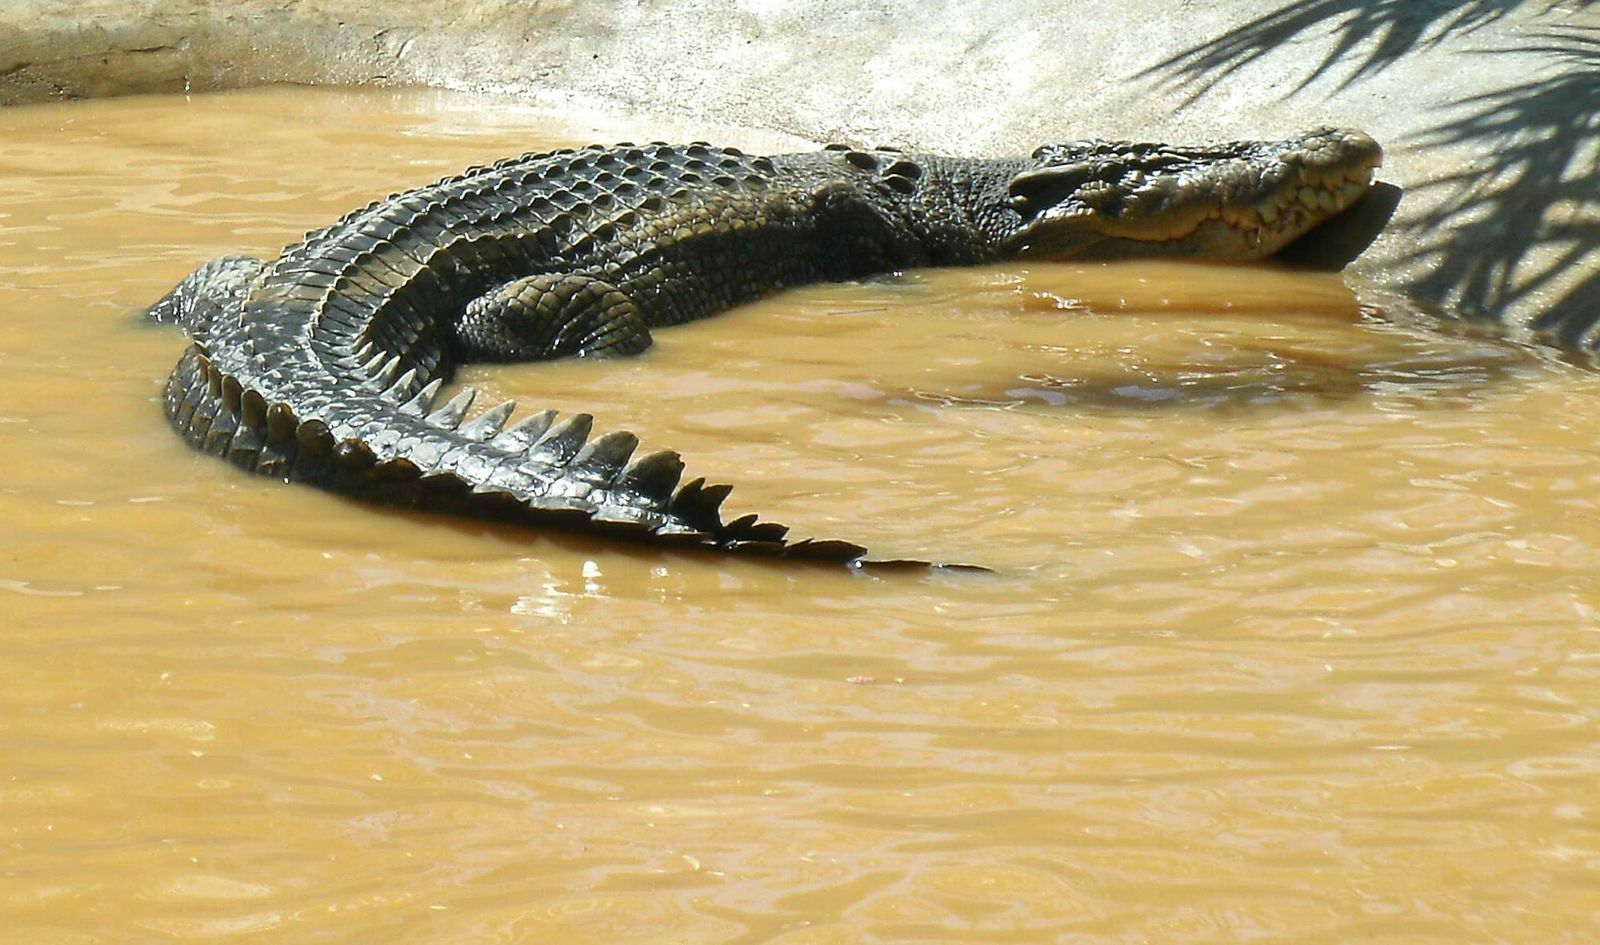 Lolong/ Krokodil